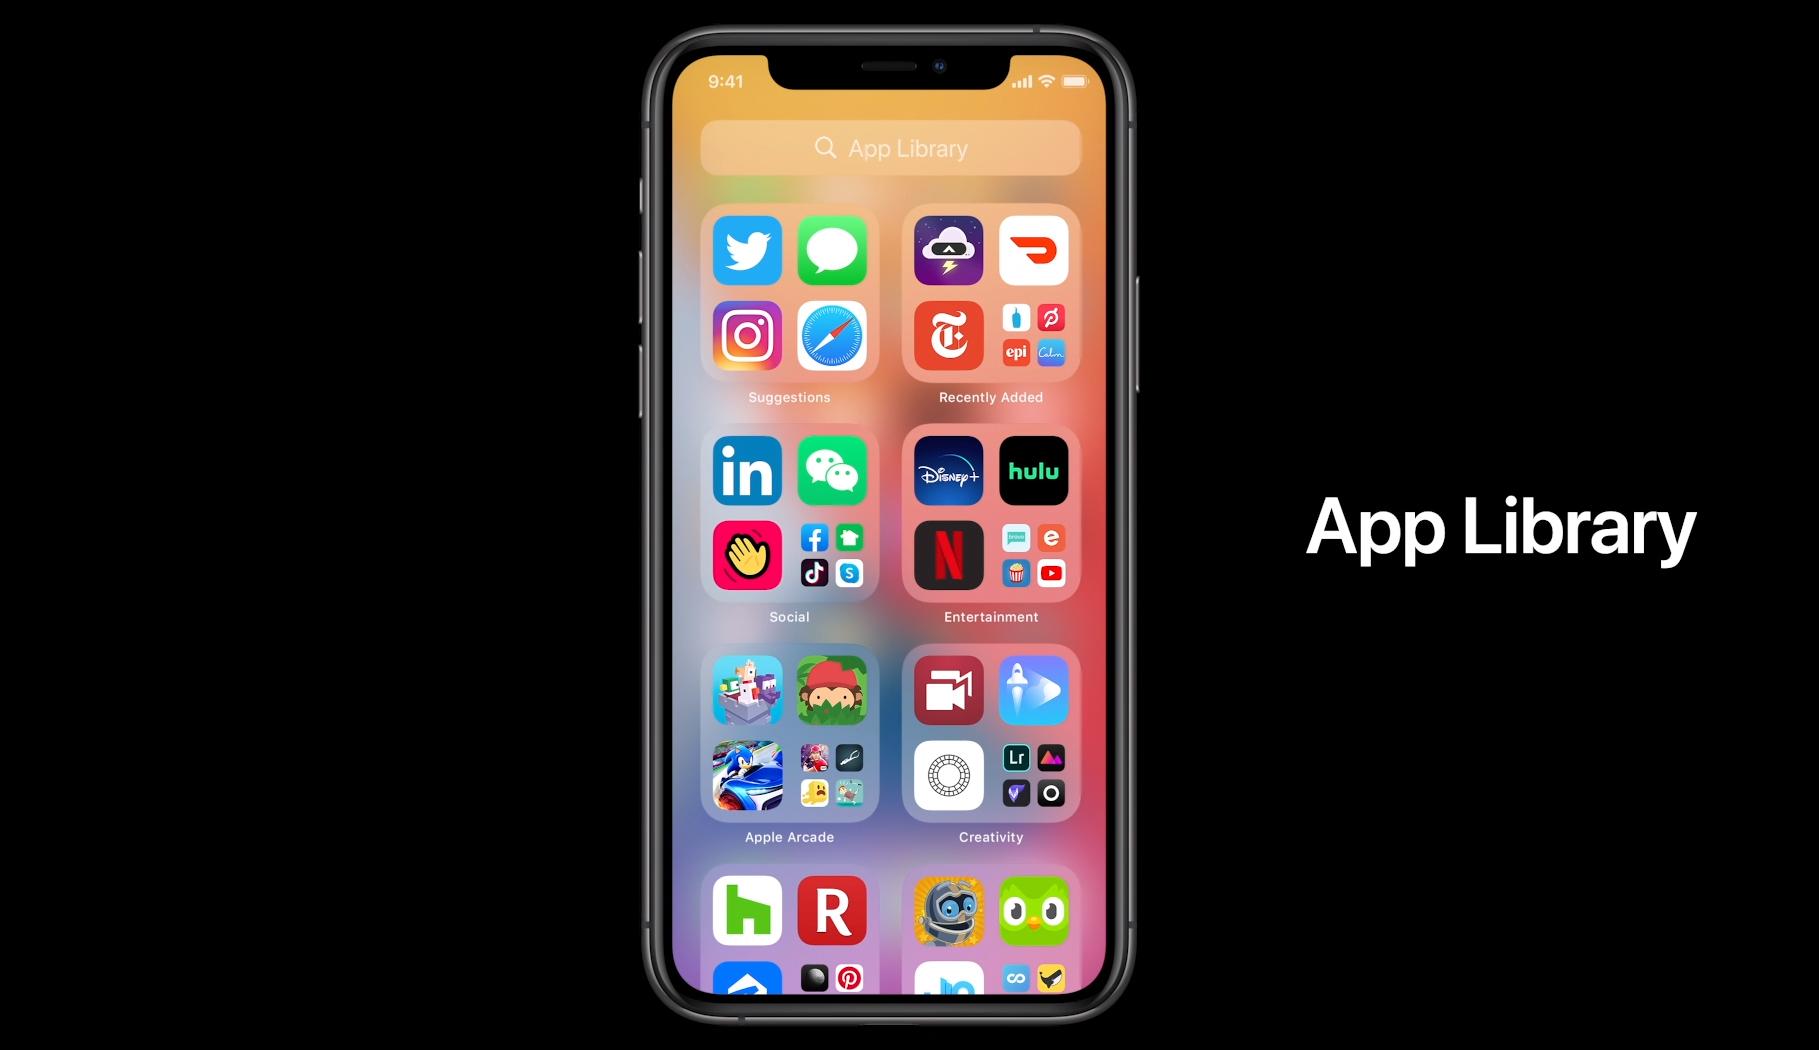 Slik ser App Library ut - en totaloversikt over alle appene du har på mobilen din.